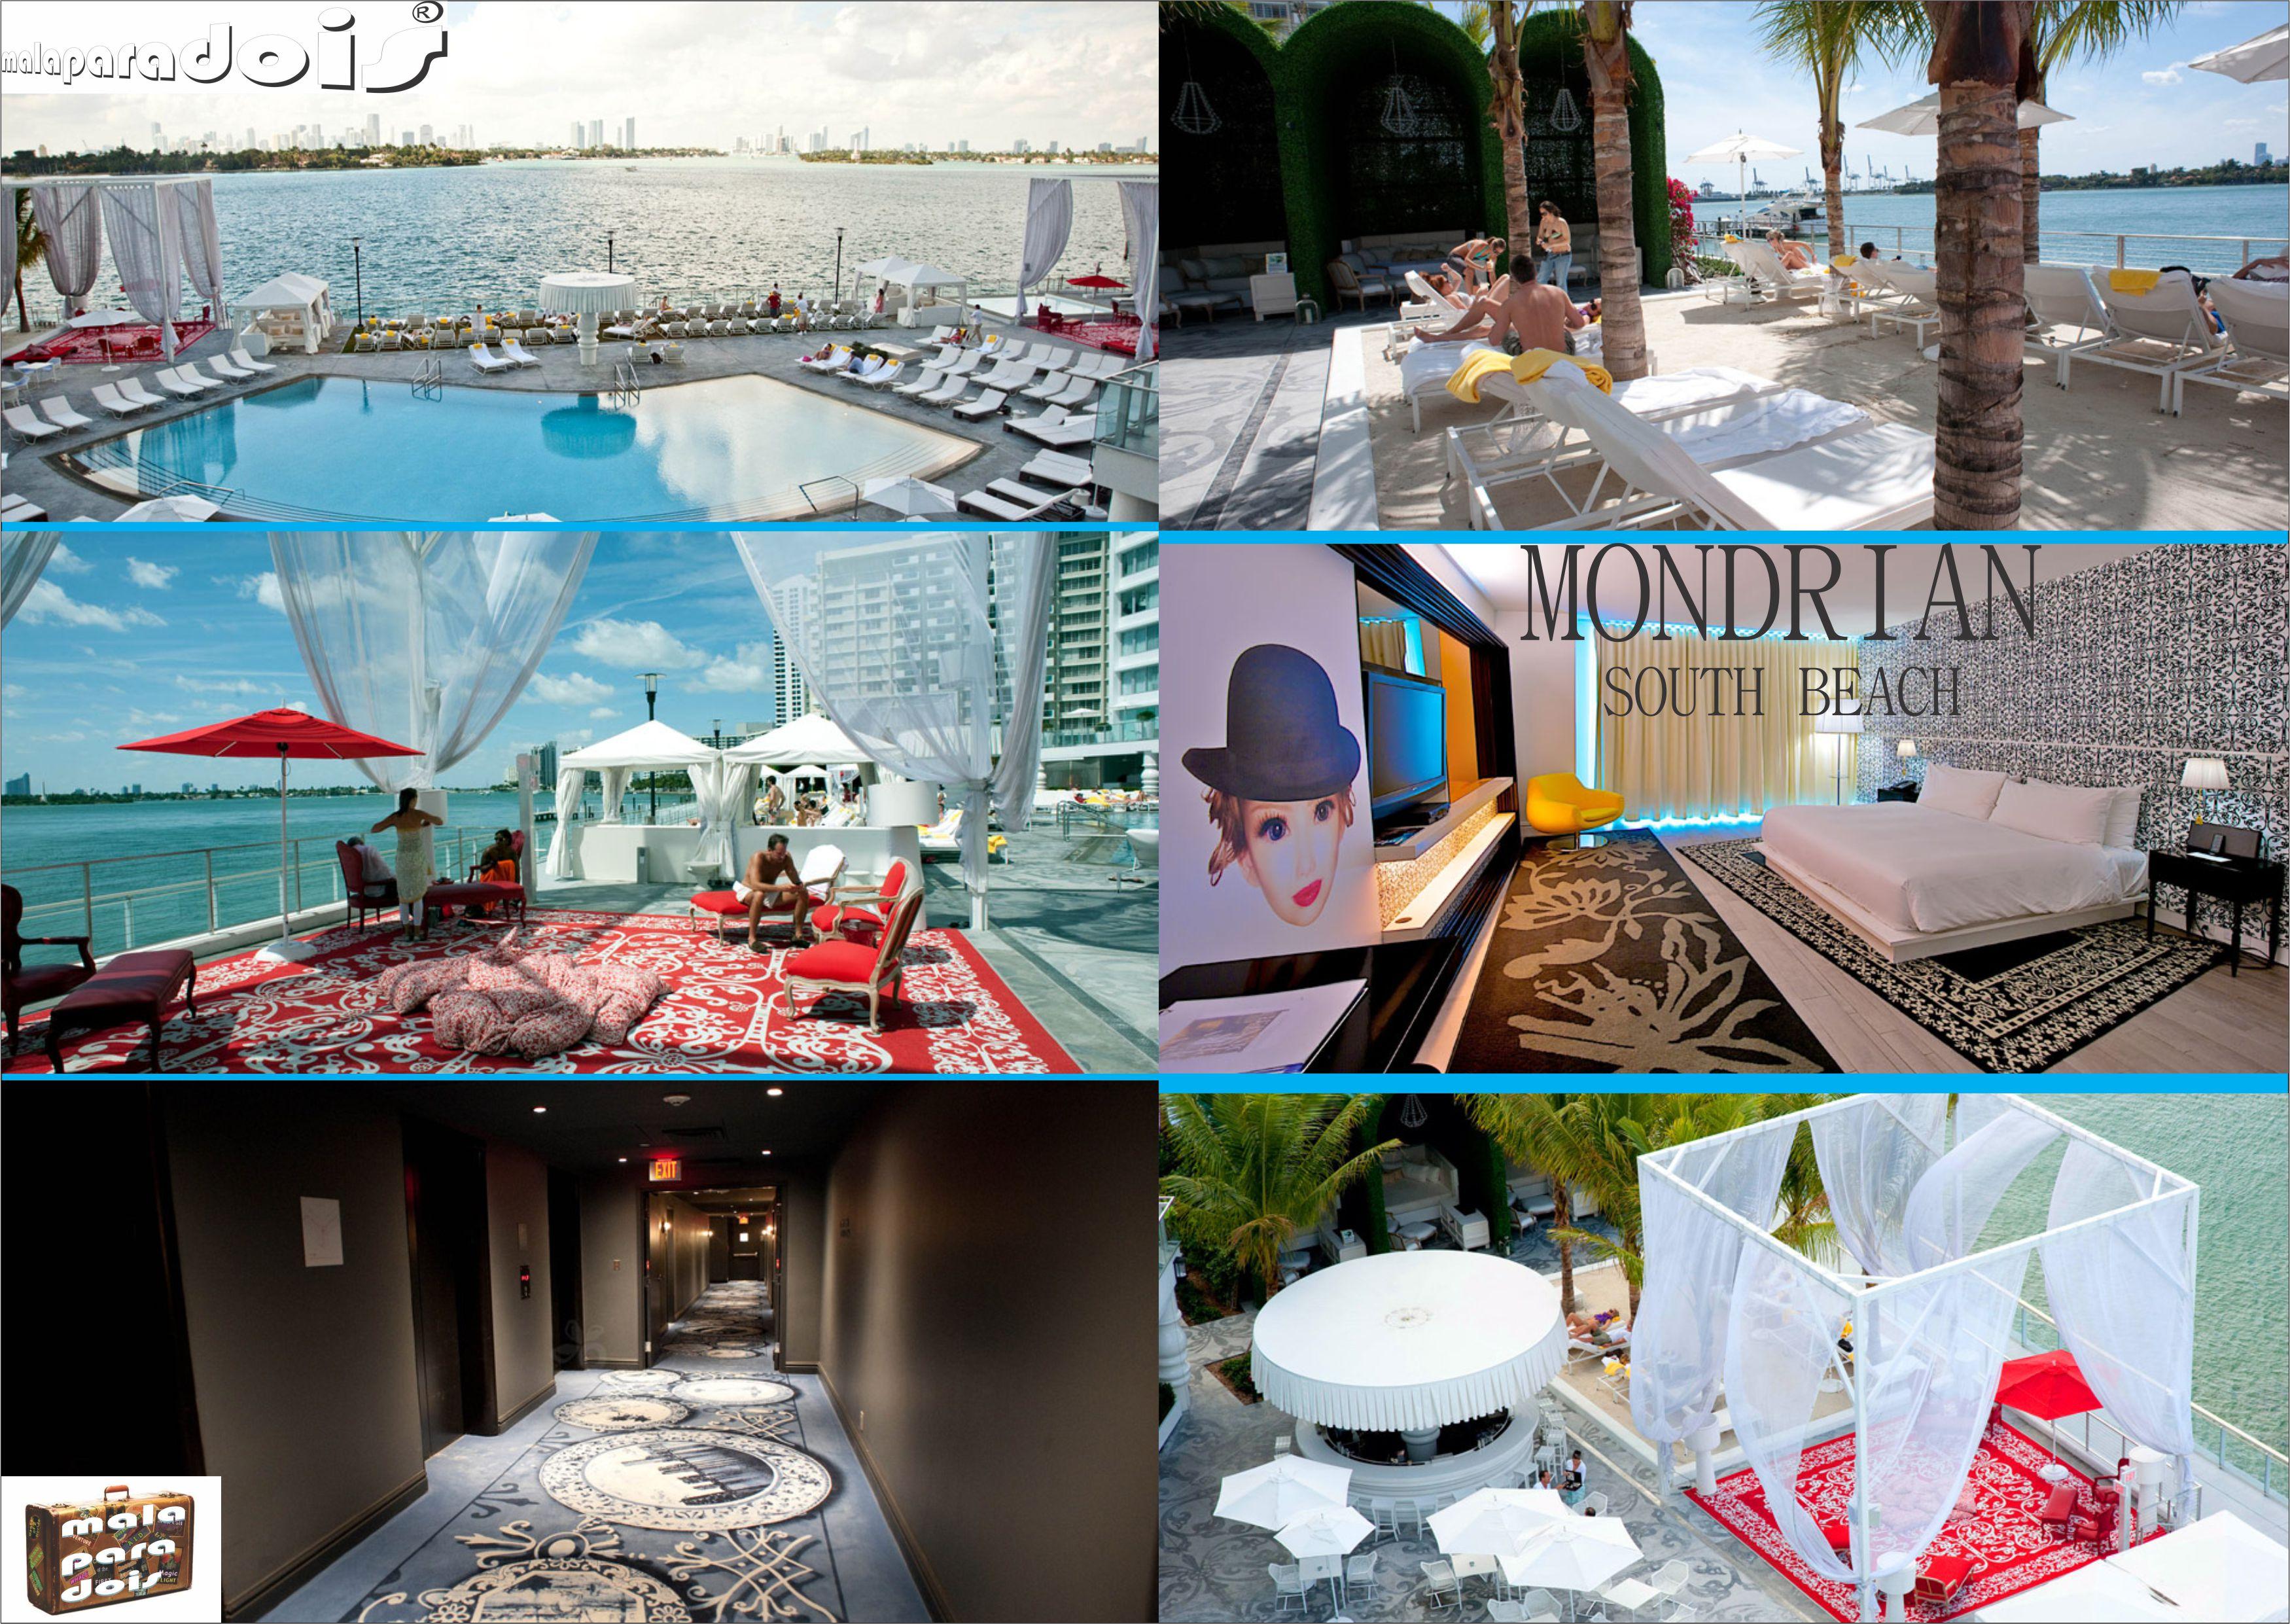 Mondrian South Beach